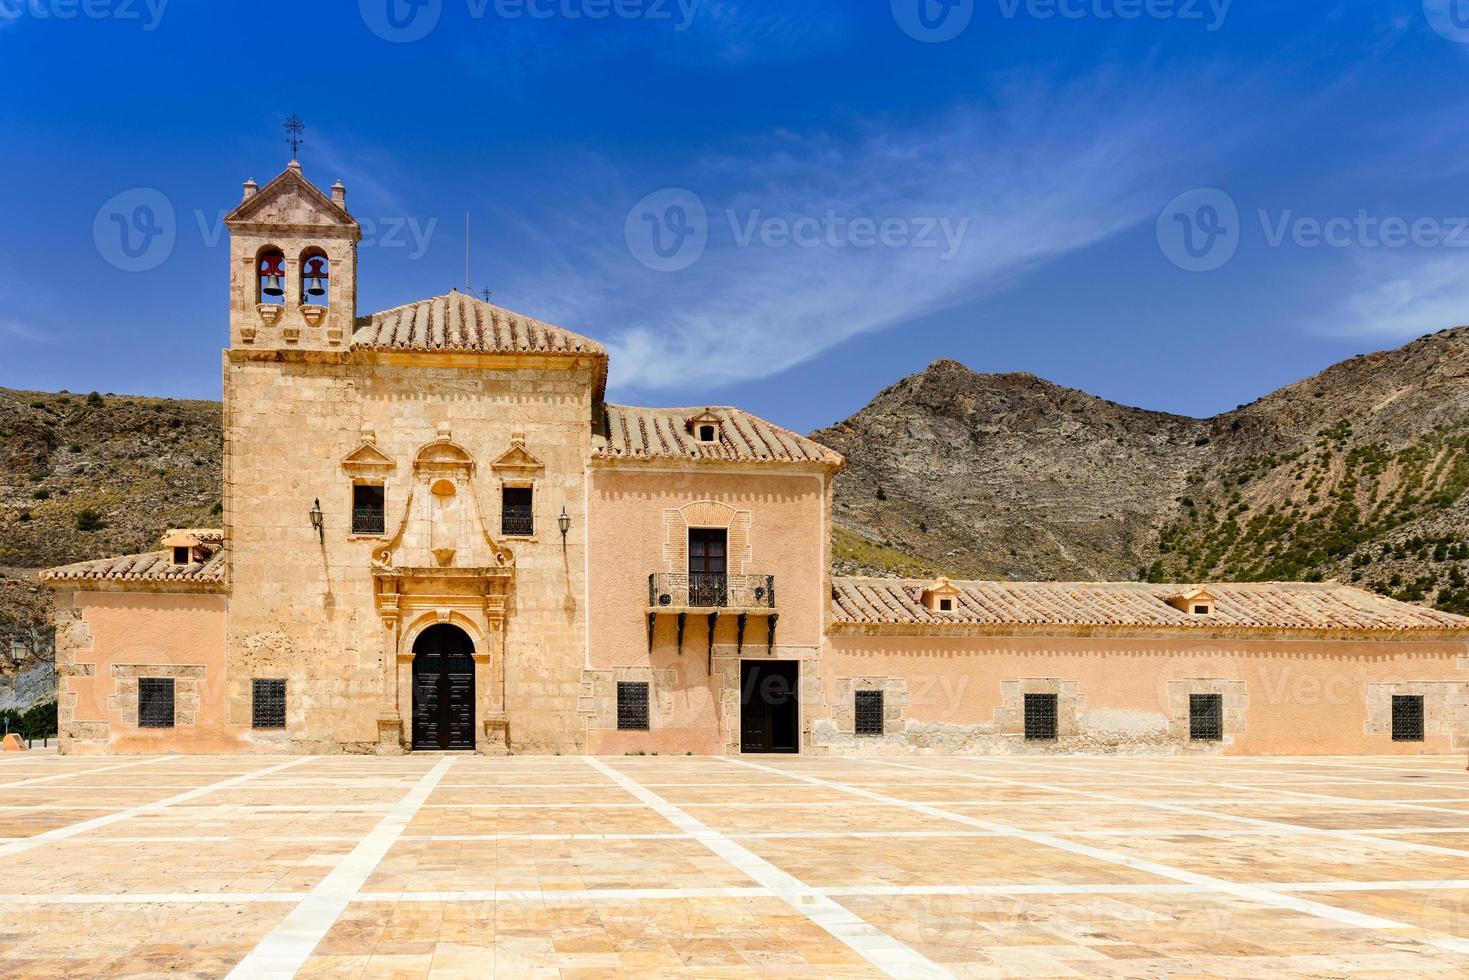 monasterio del saliente foto